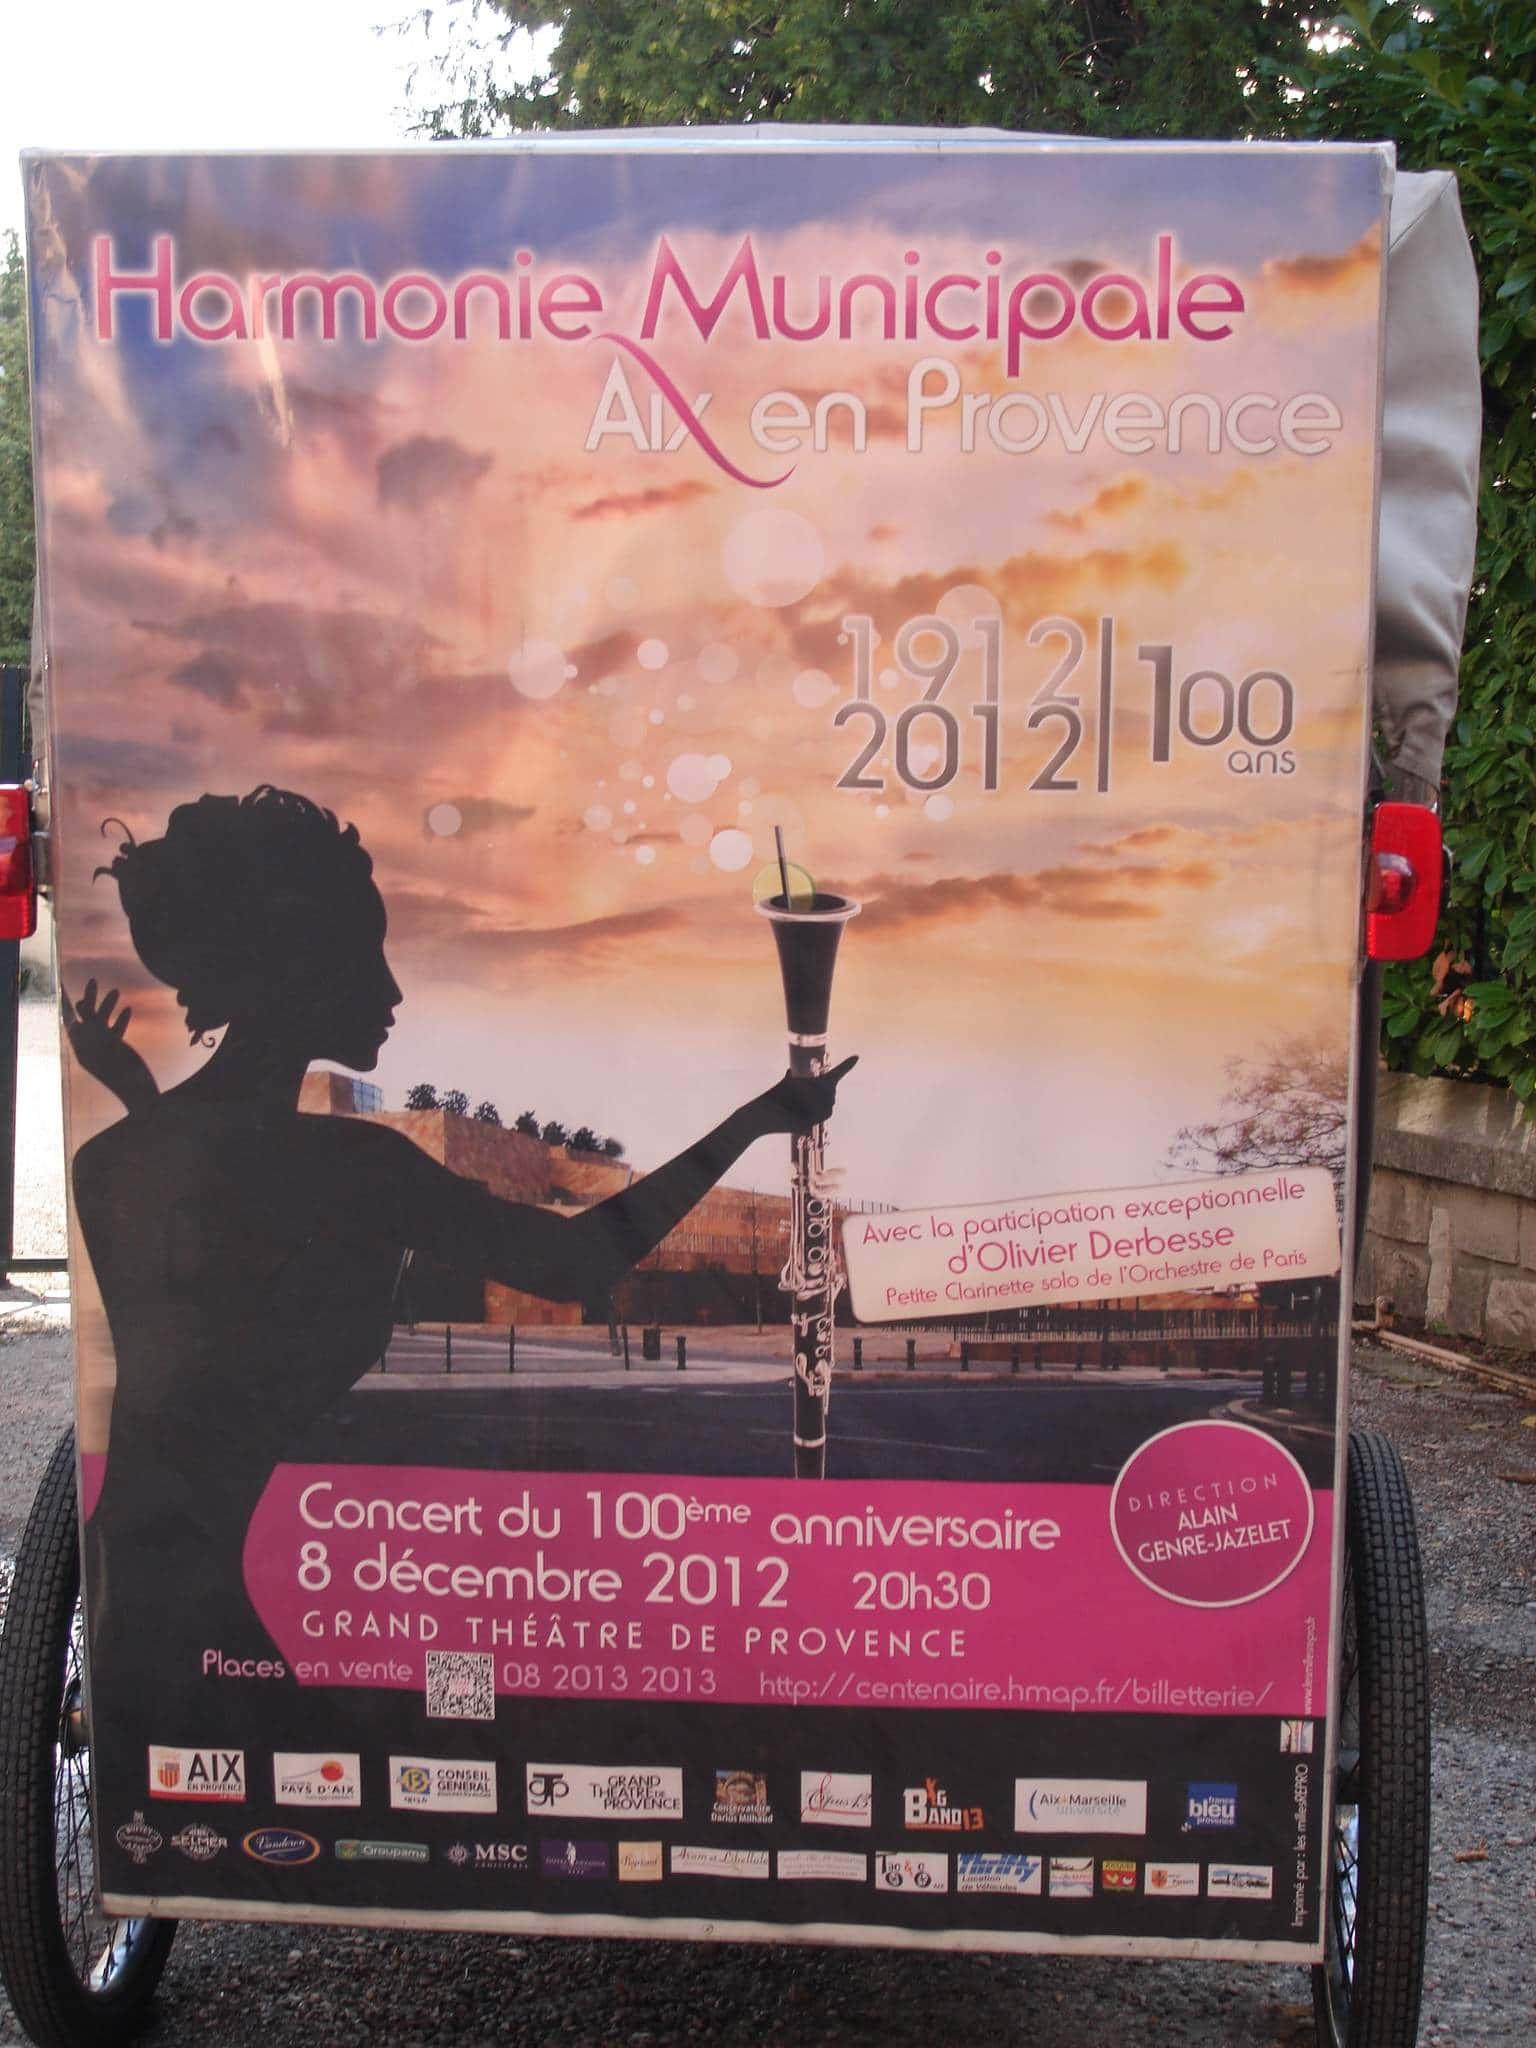 Les 100 ans d'Harmonie Municipale le 8 décembre, Grand Théâtre de Provence